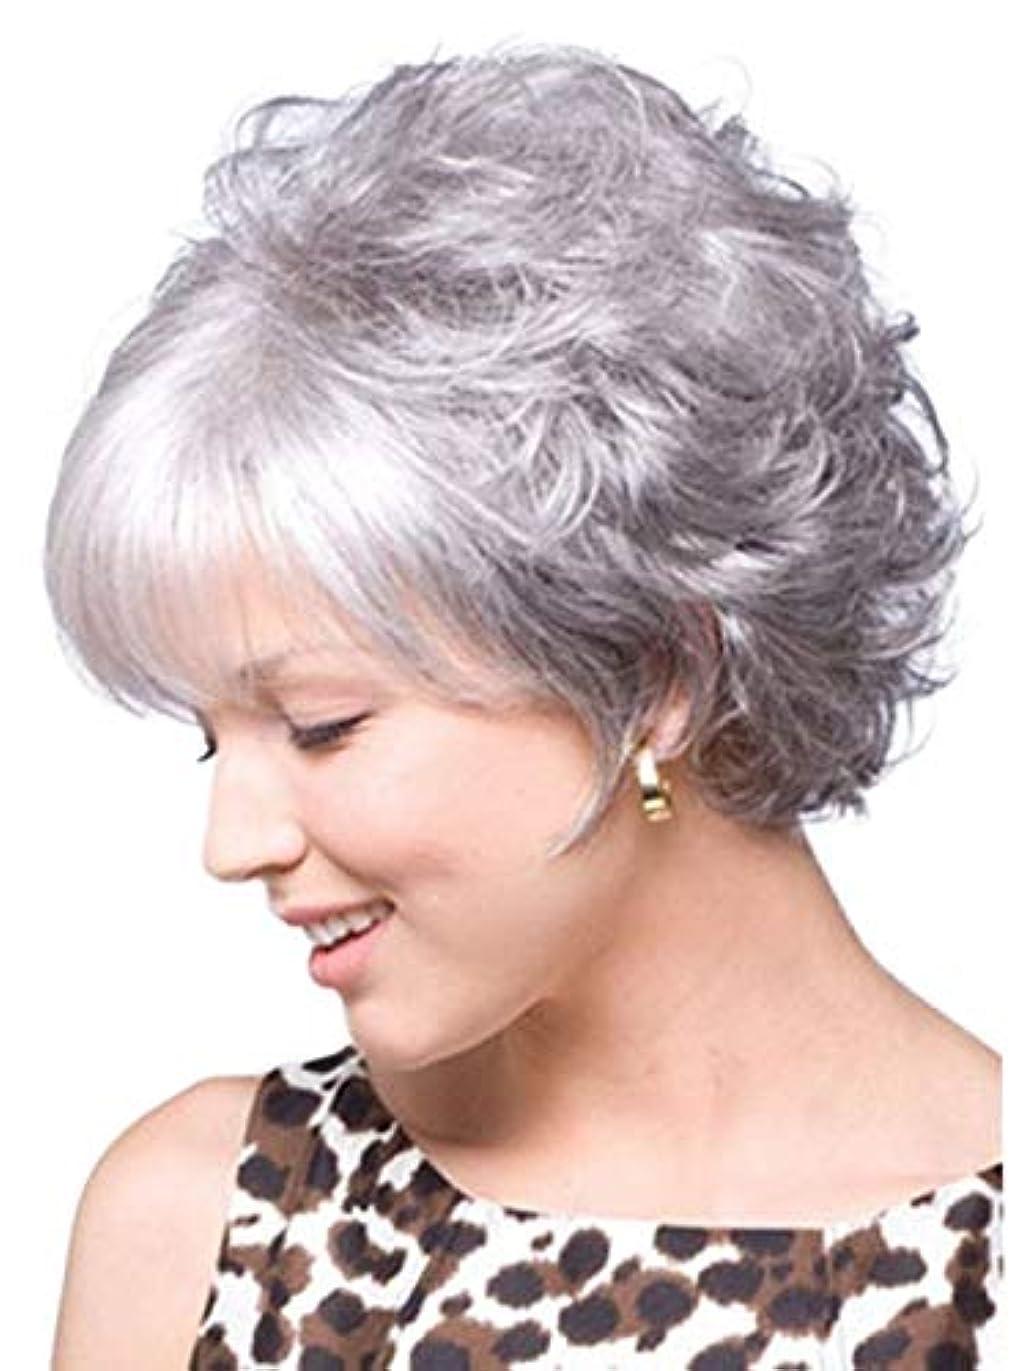 残忍な硬さ代表ウィッグキャップ付きパーティーコスプレ用女性ショートシルバーグレーヘアウィッグ (Color : Gray+Silver)